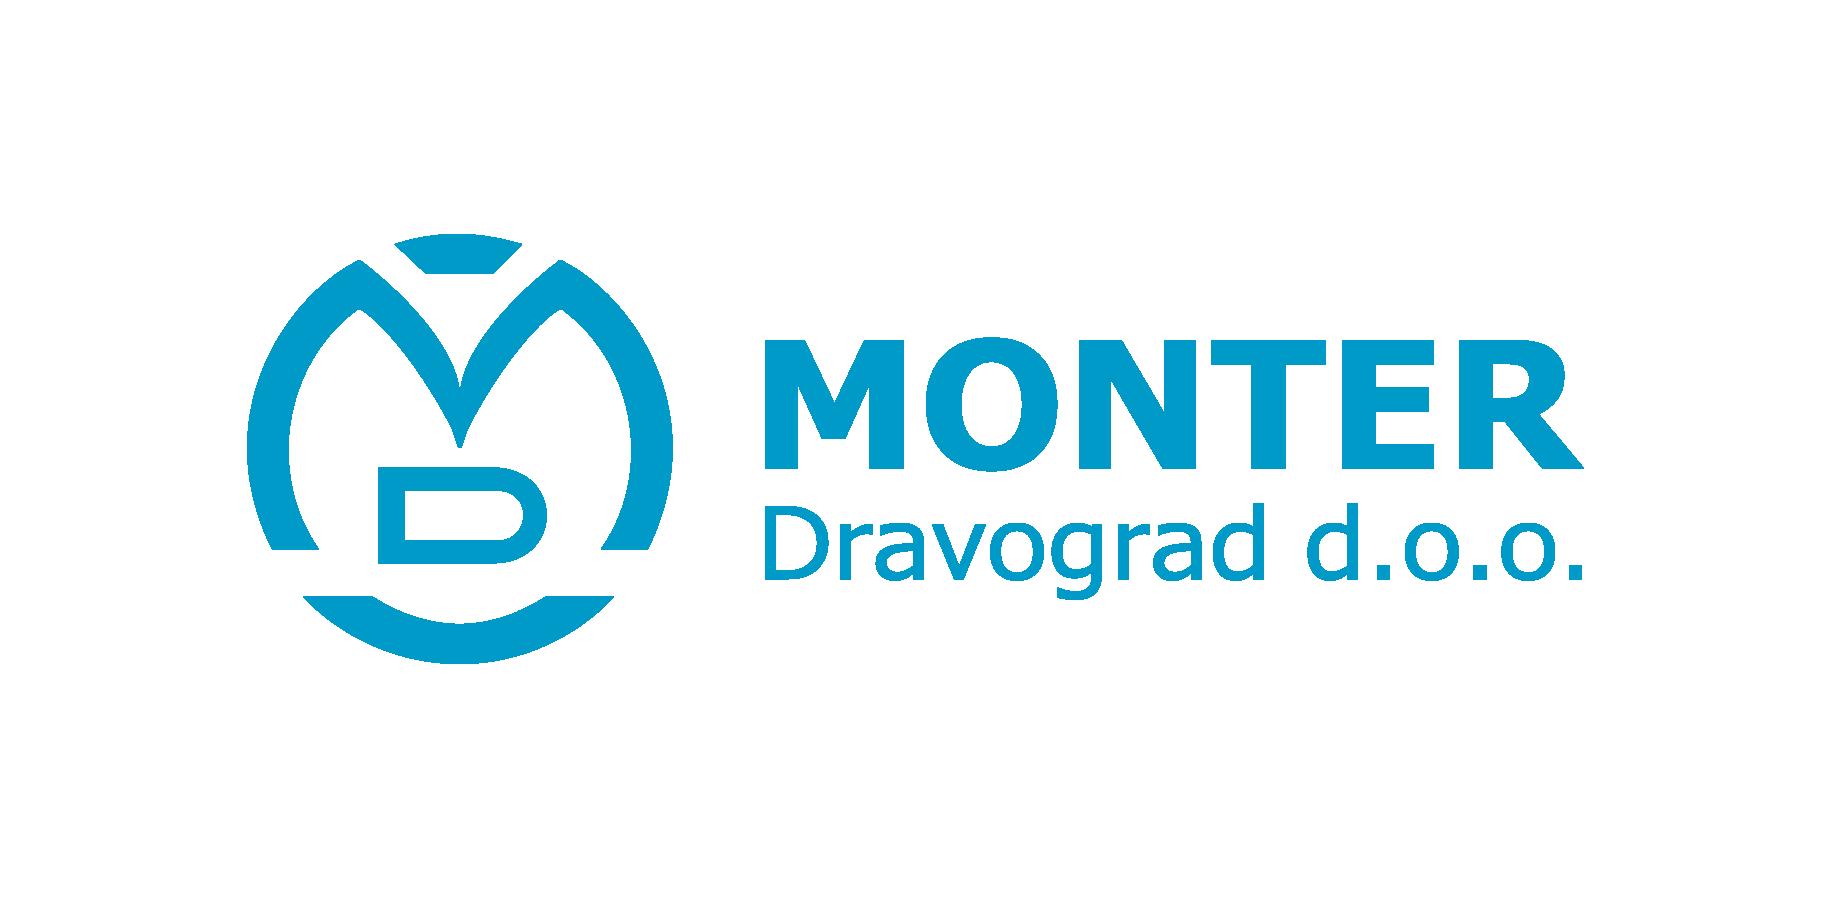 MONTER DRAVOGRAD d.d.